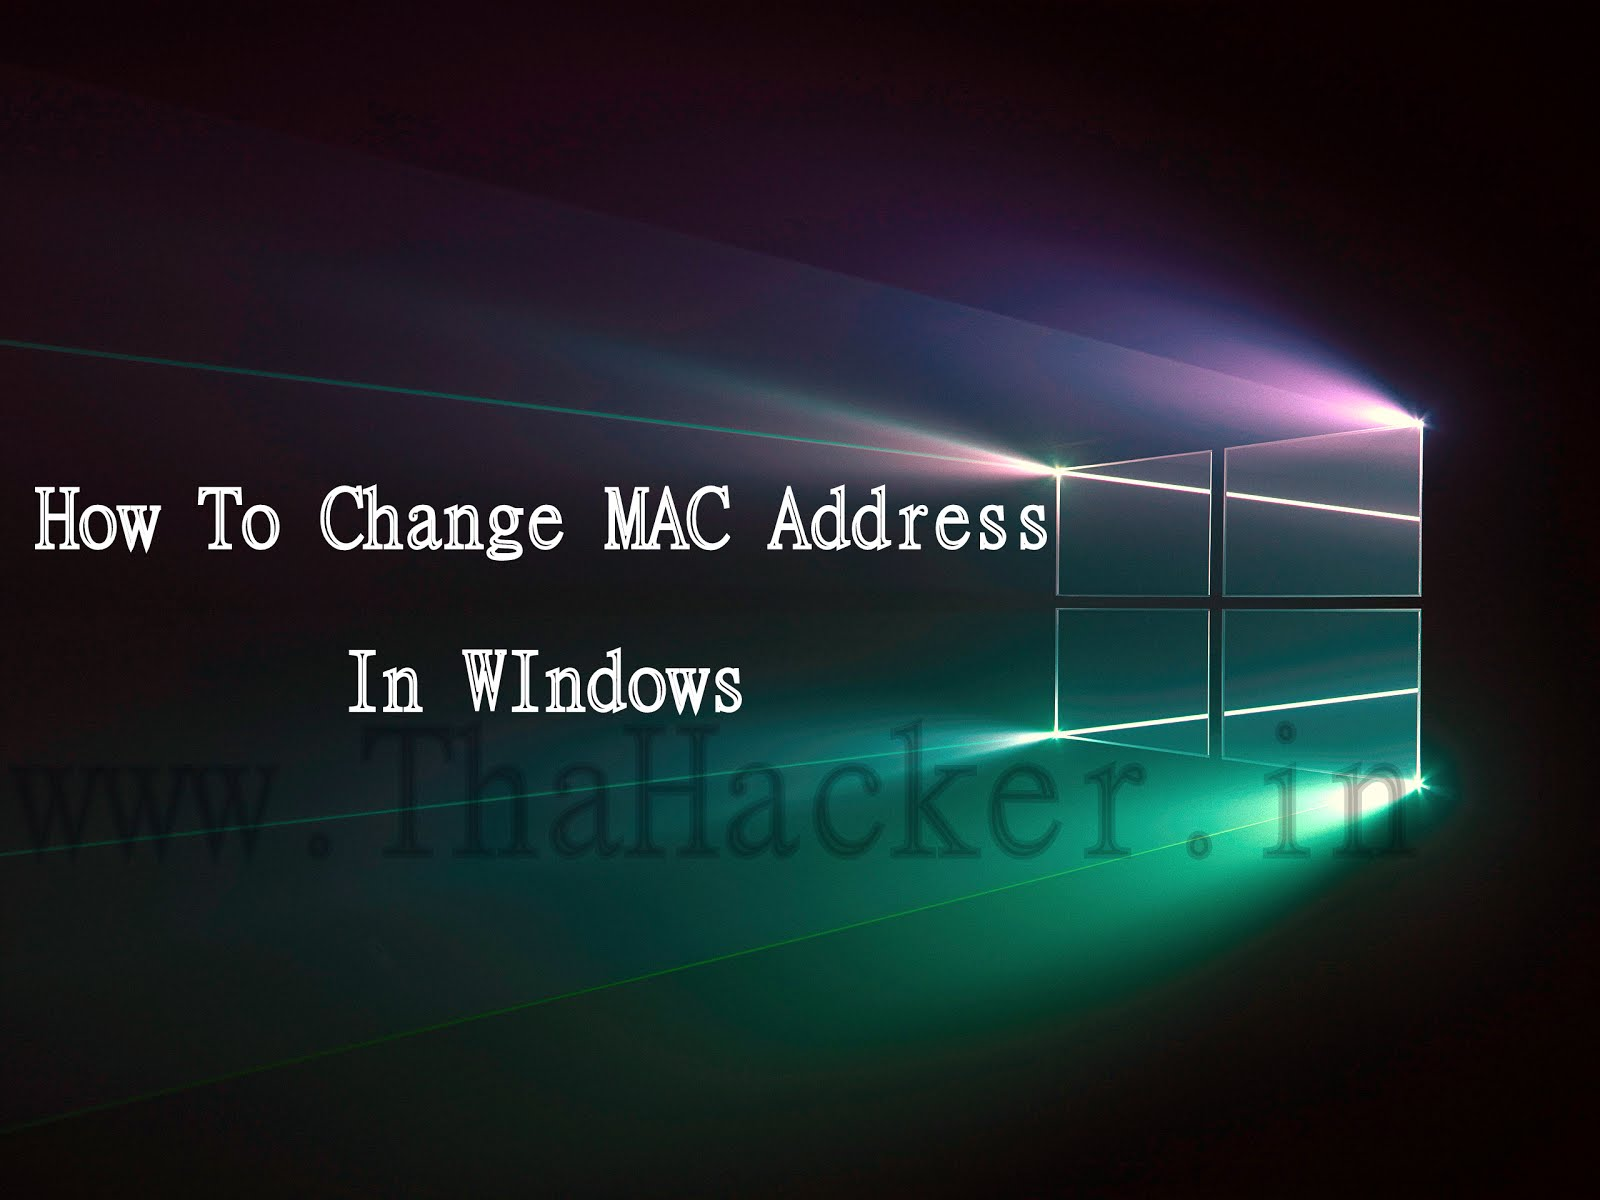 Mac адреса косметика